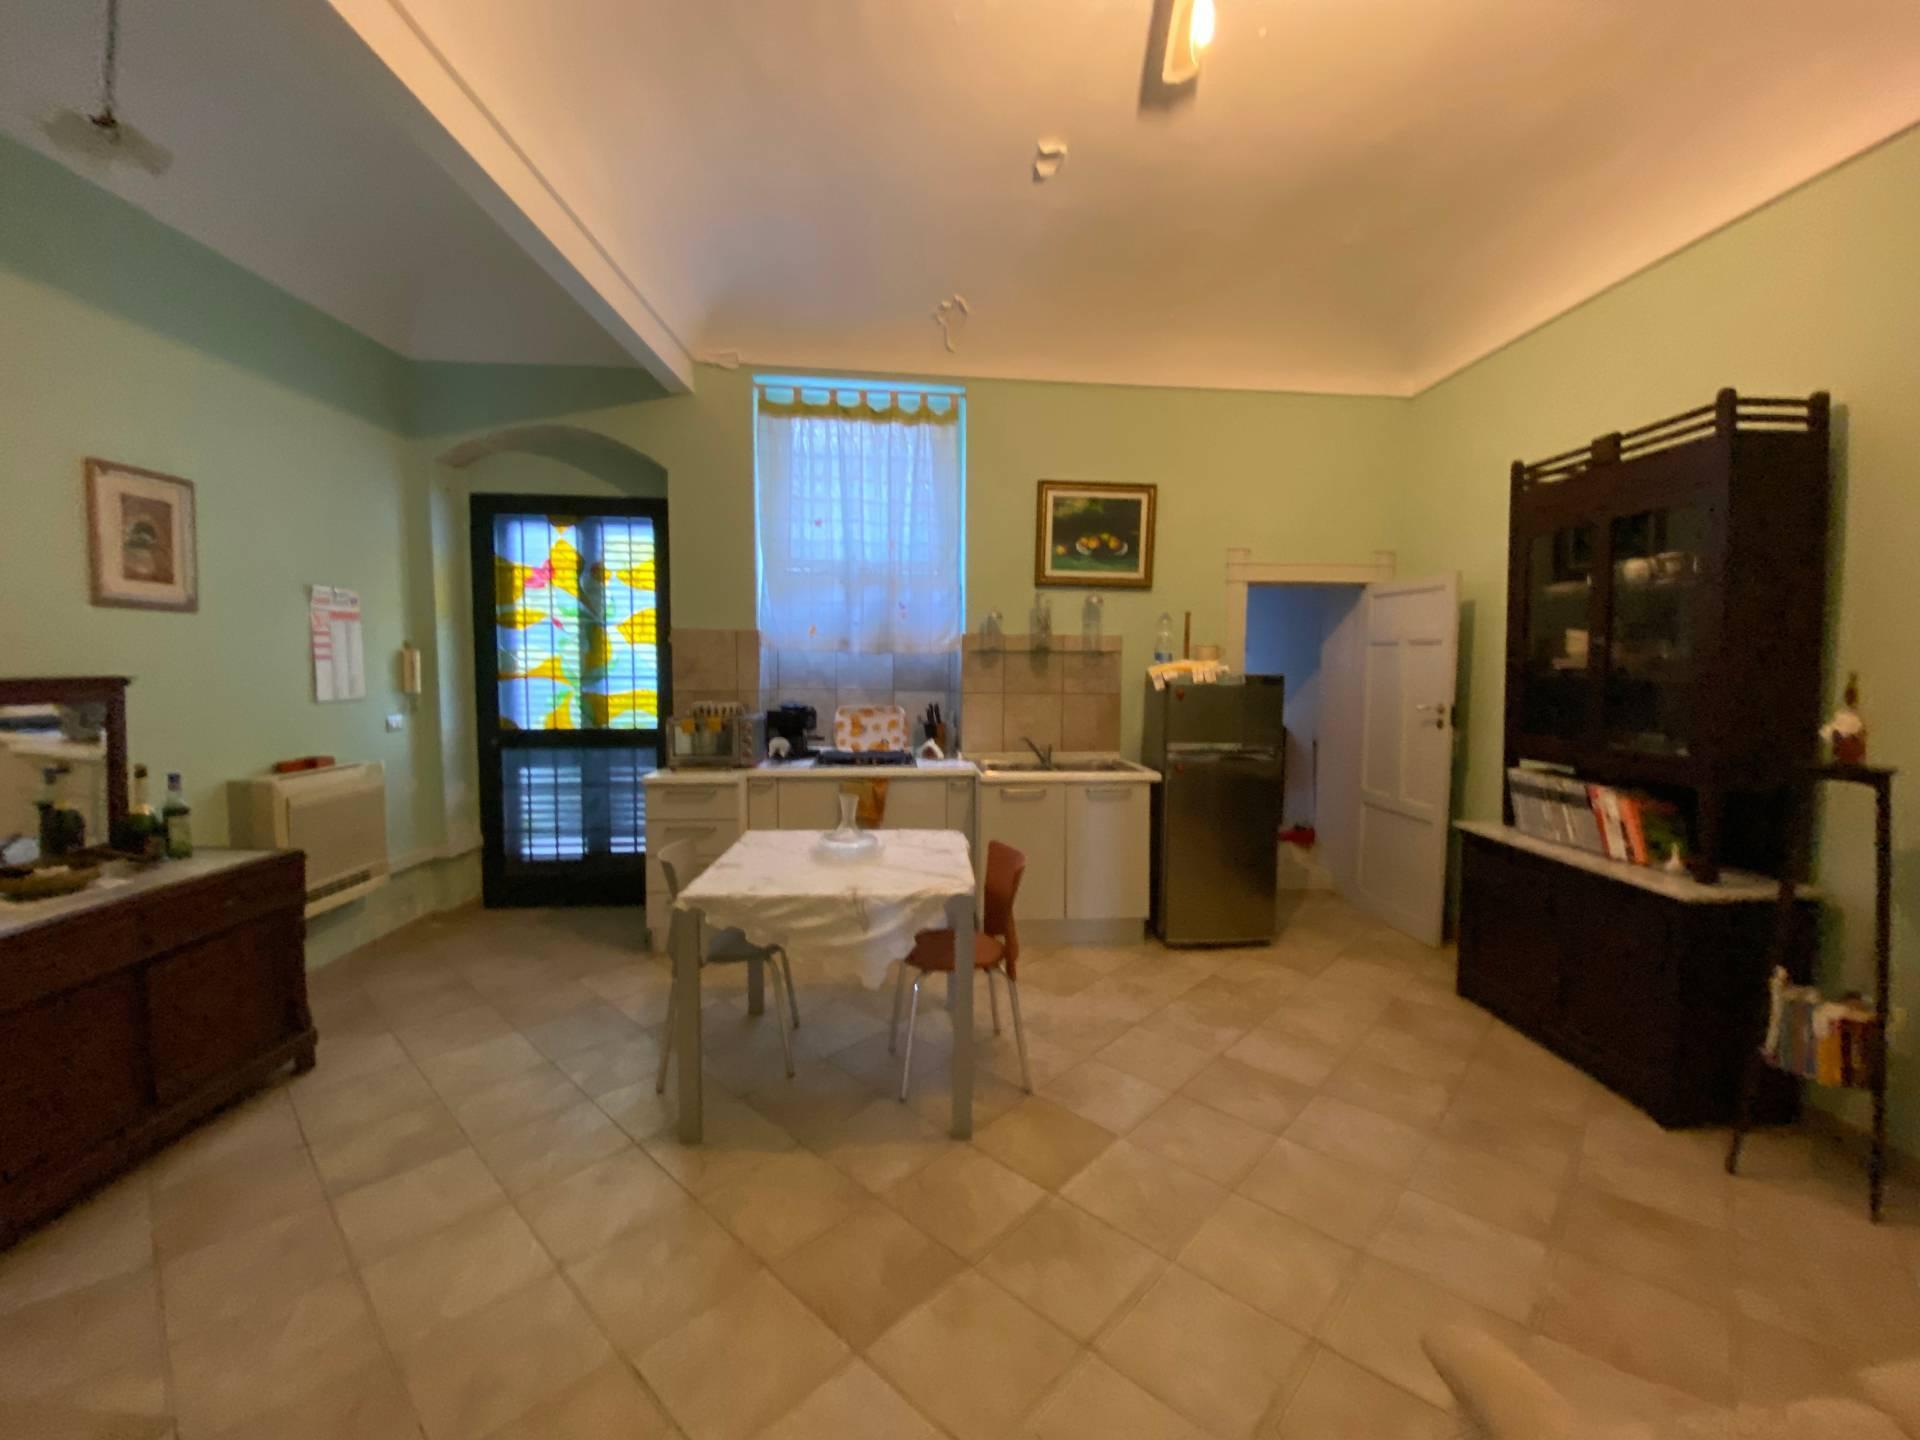 Casa indipendente in vendita a Canicattini Bagni (SR)